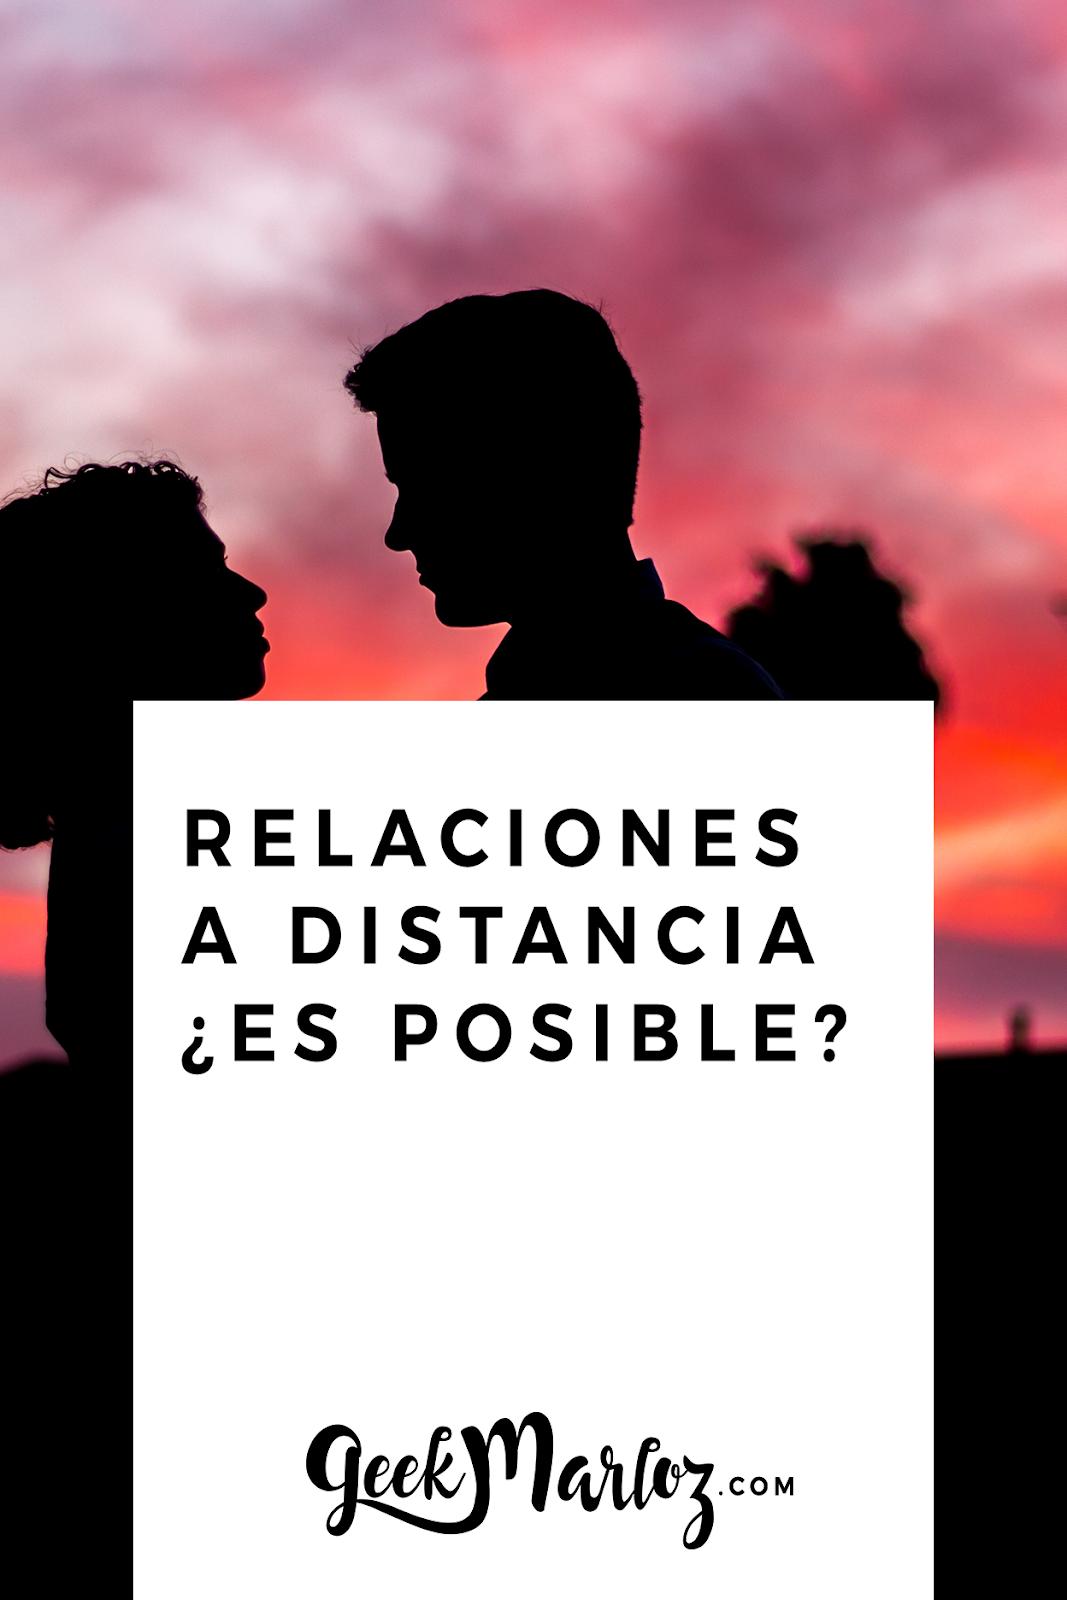 Relaciones a distancia, ¿es posible?